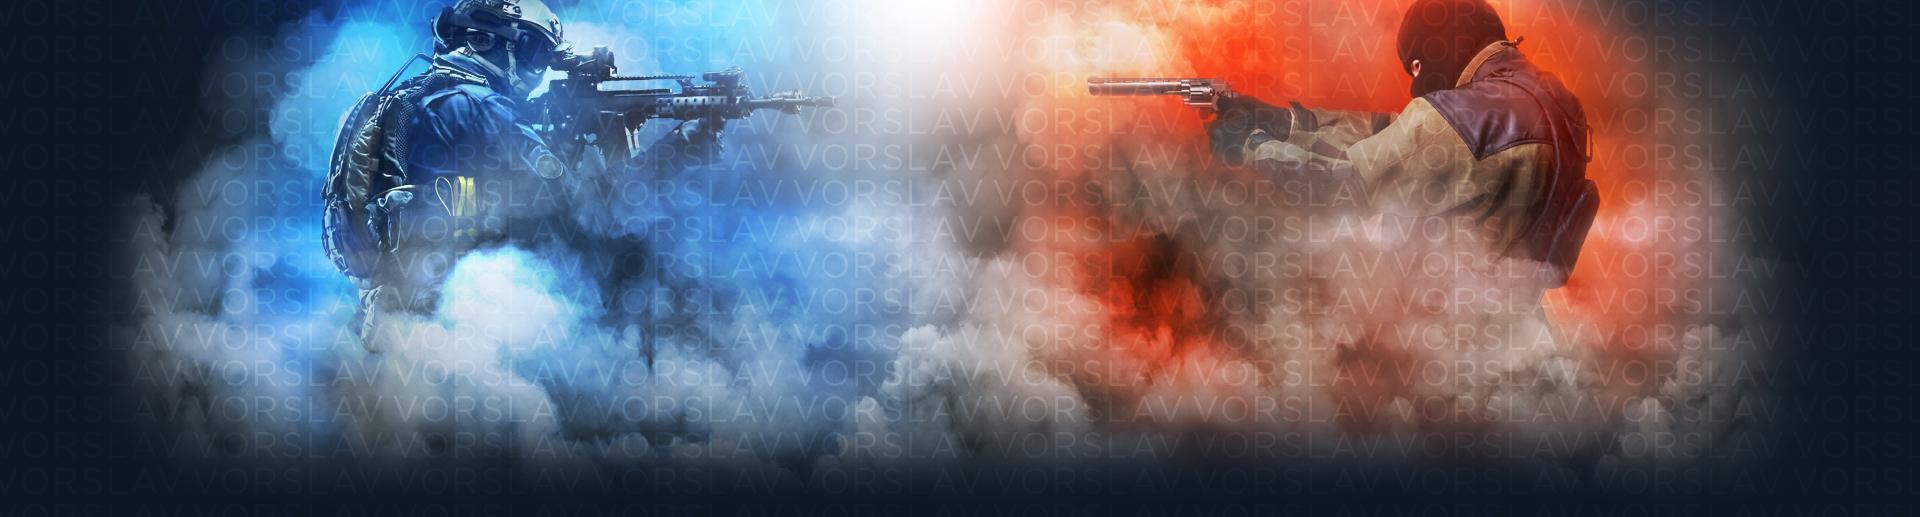 Дизайн игрового сайта CS:GO фото f_604596ab8199be46.jpg